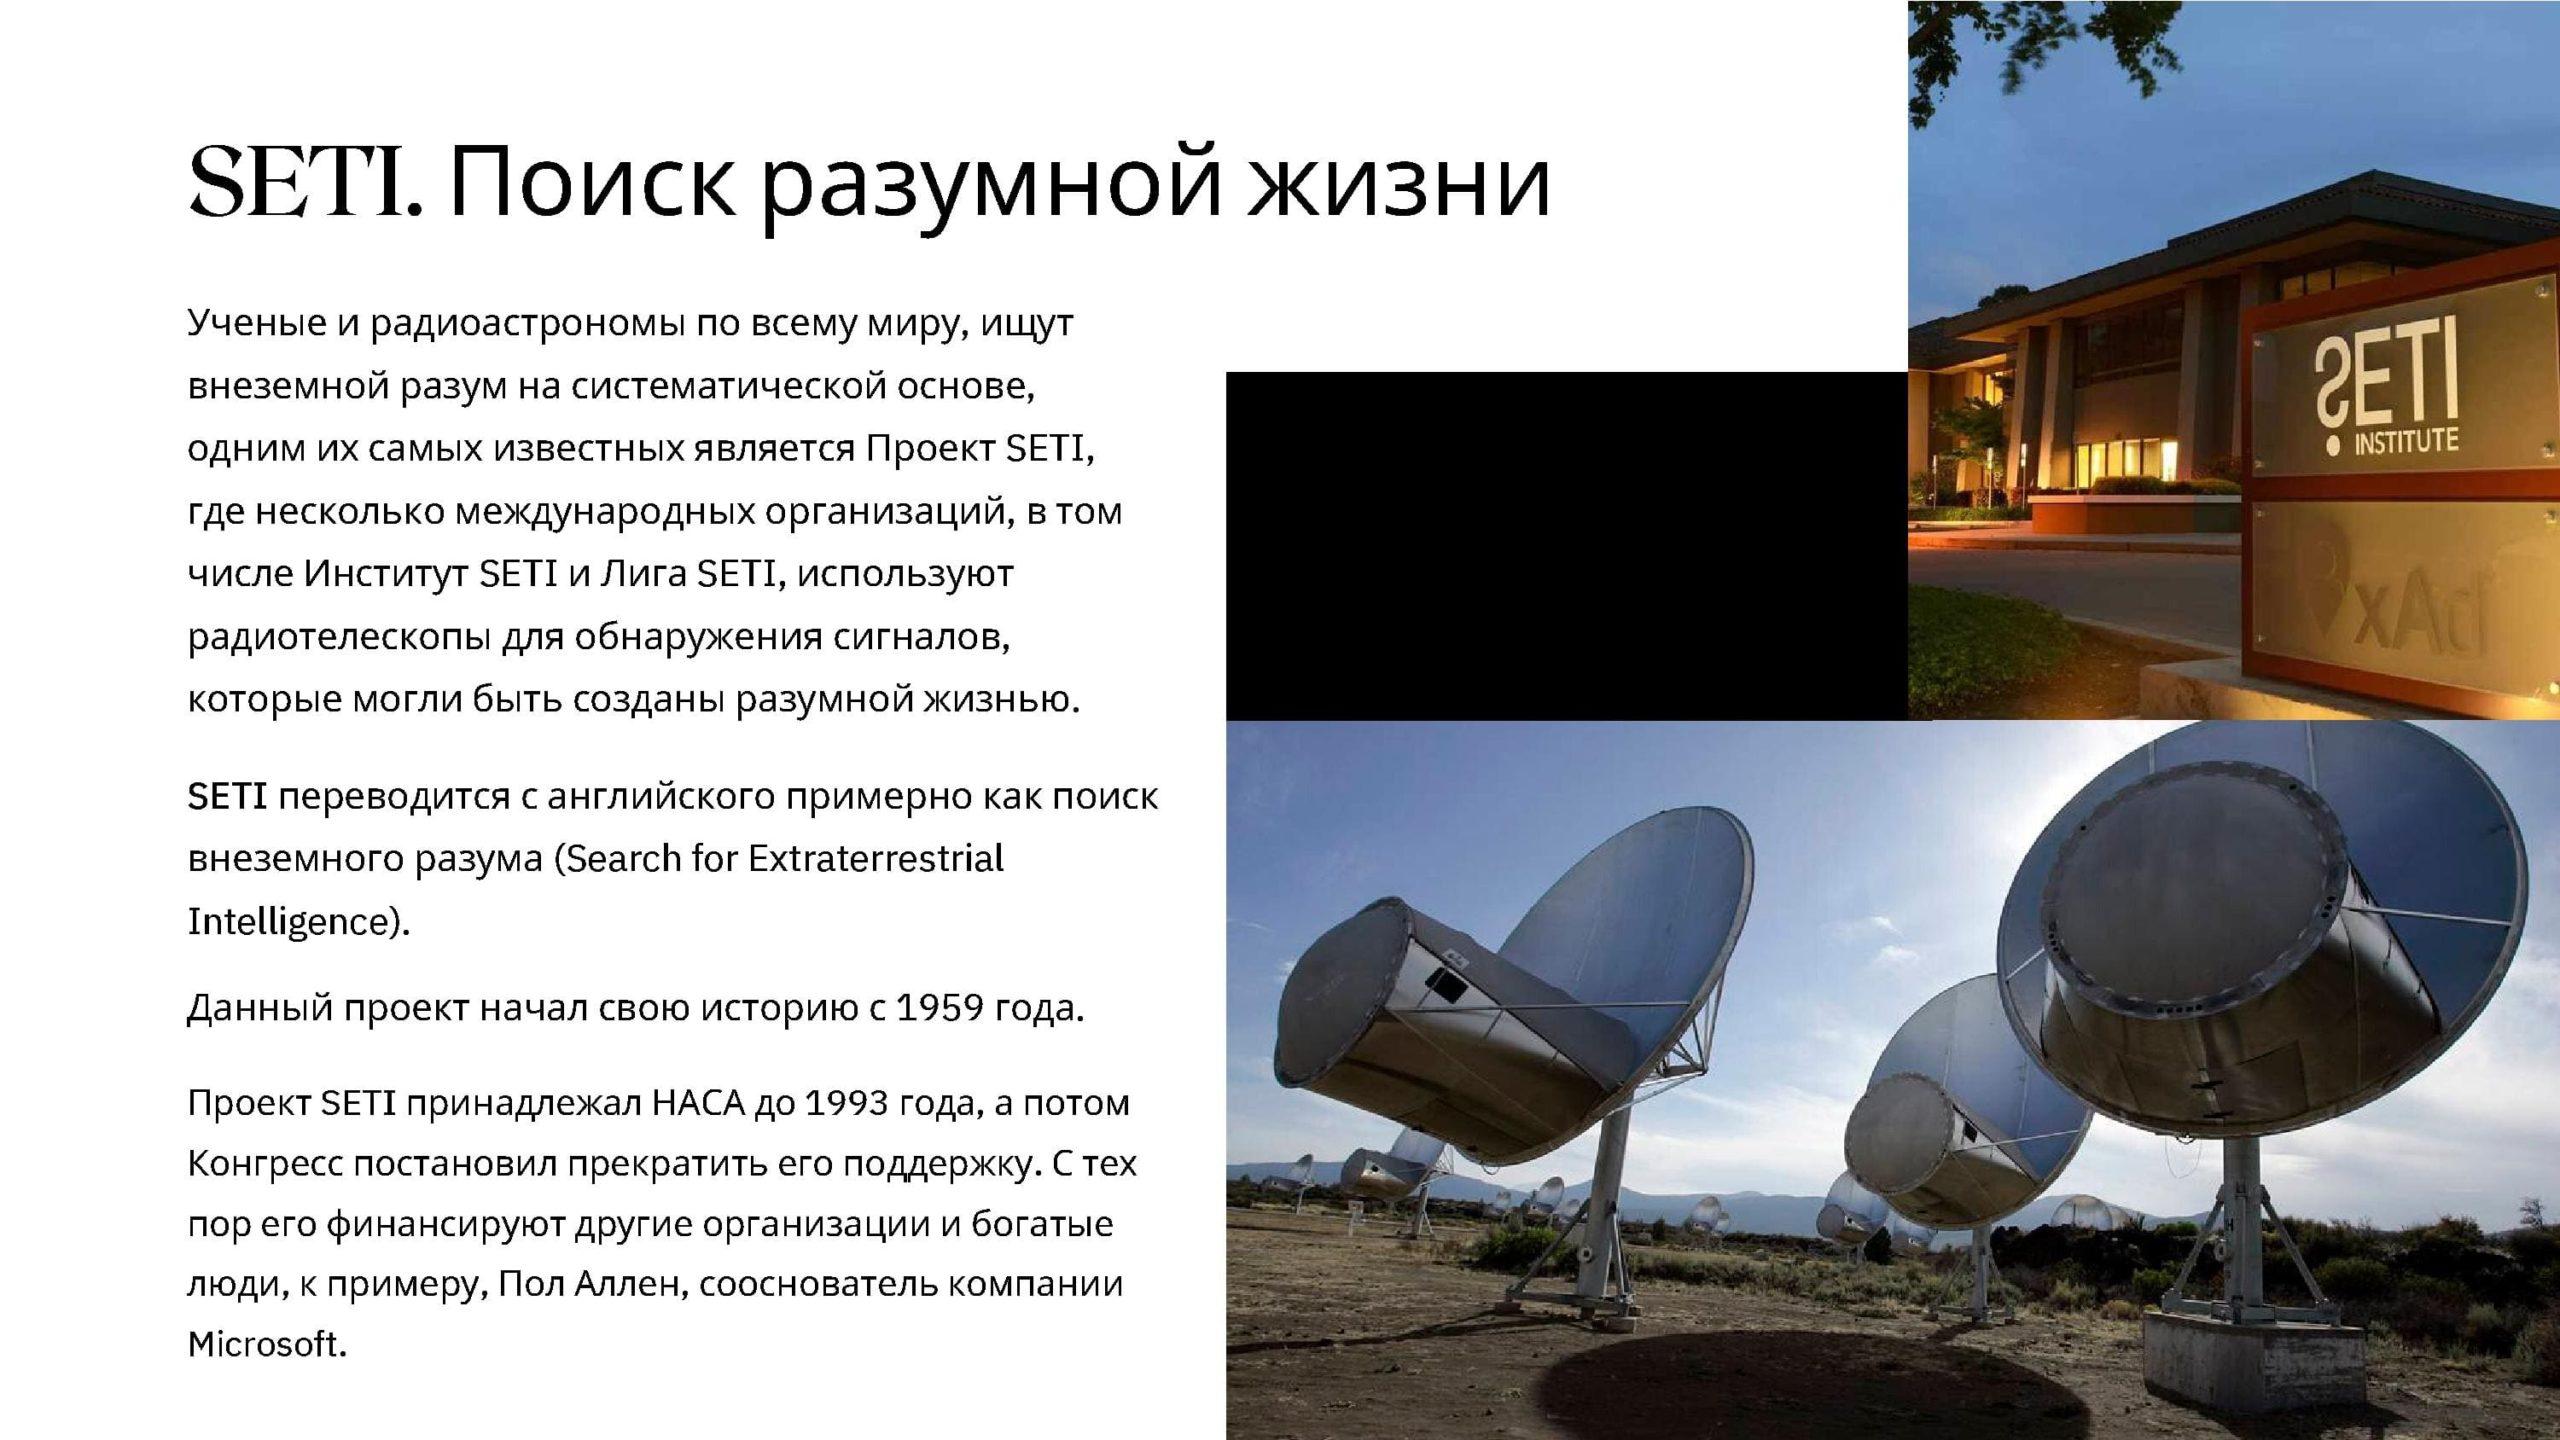 SETI. Поиск разумной жизни